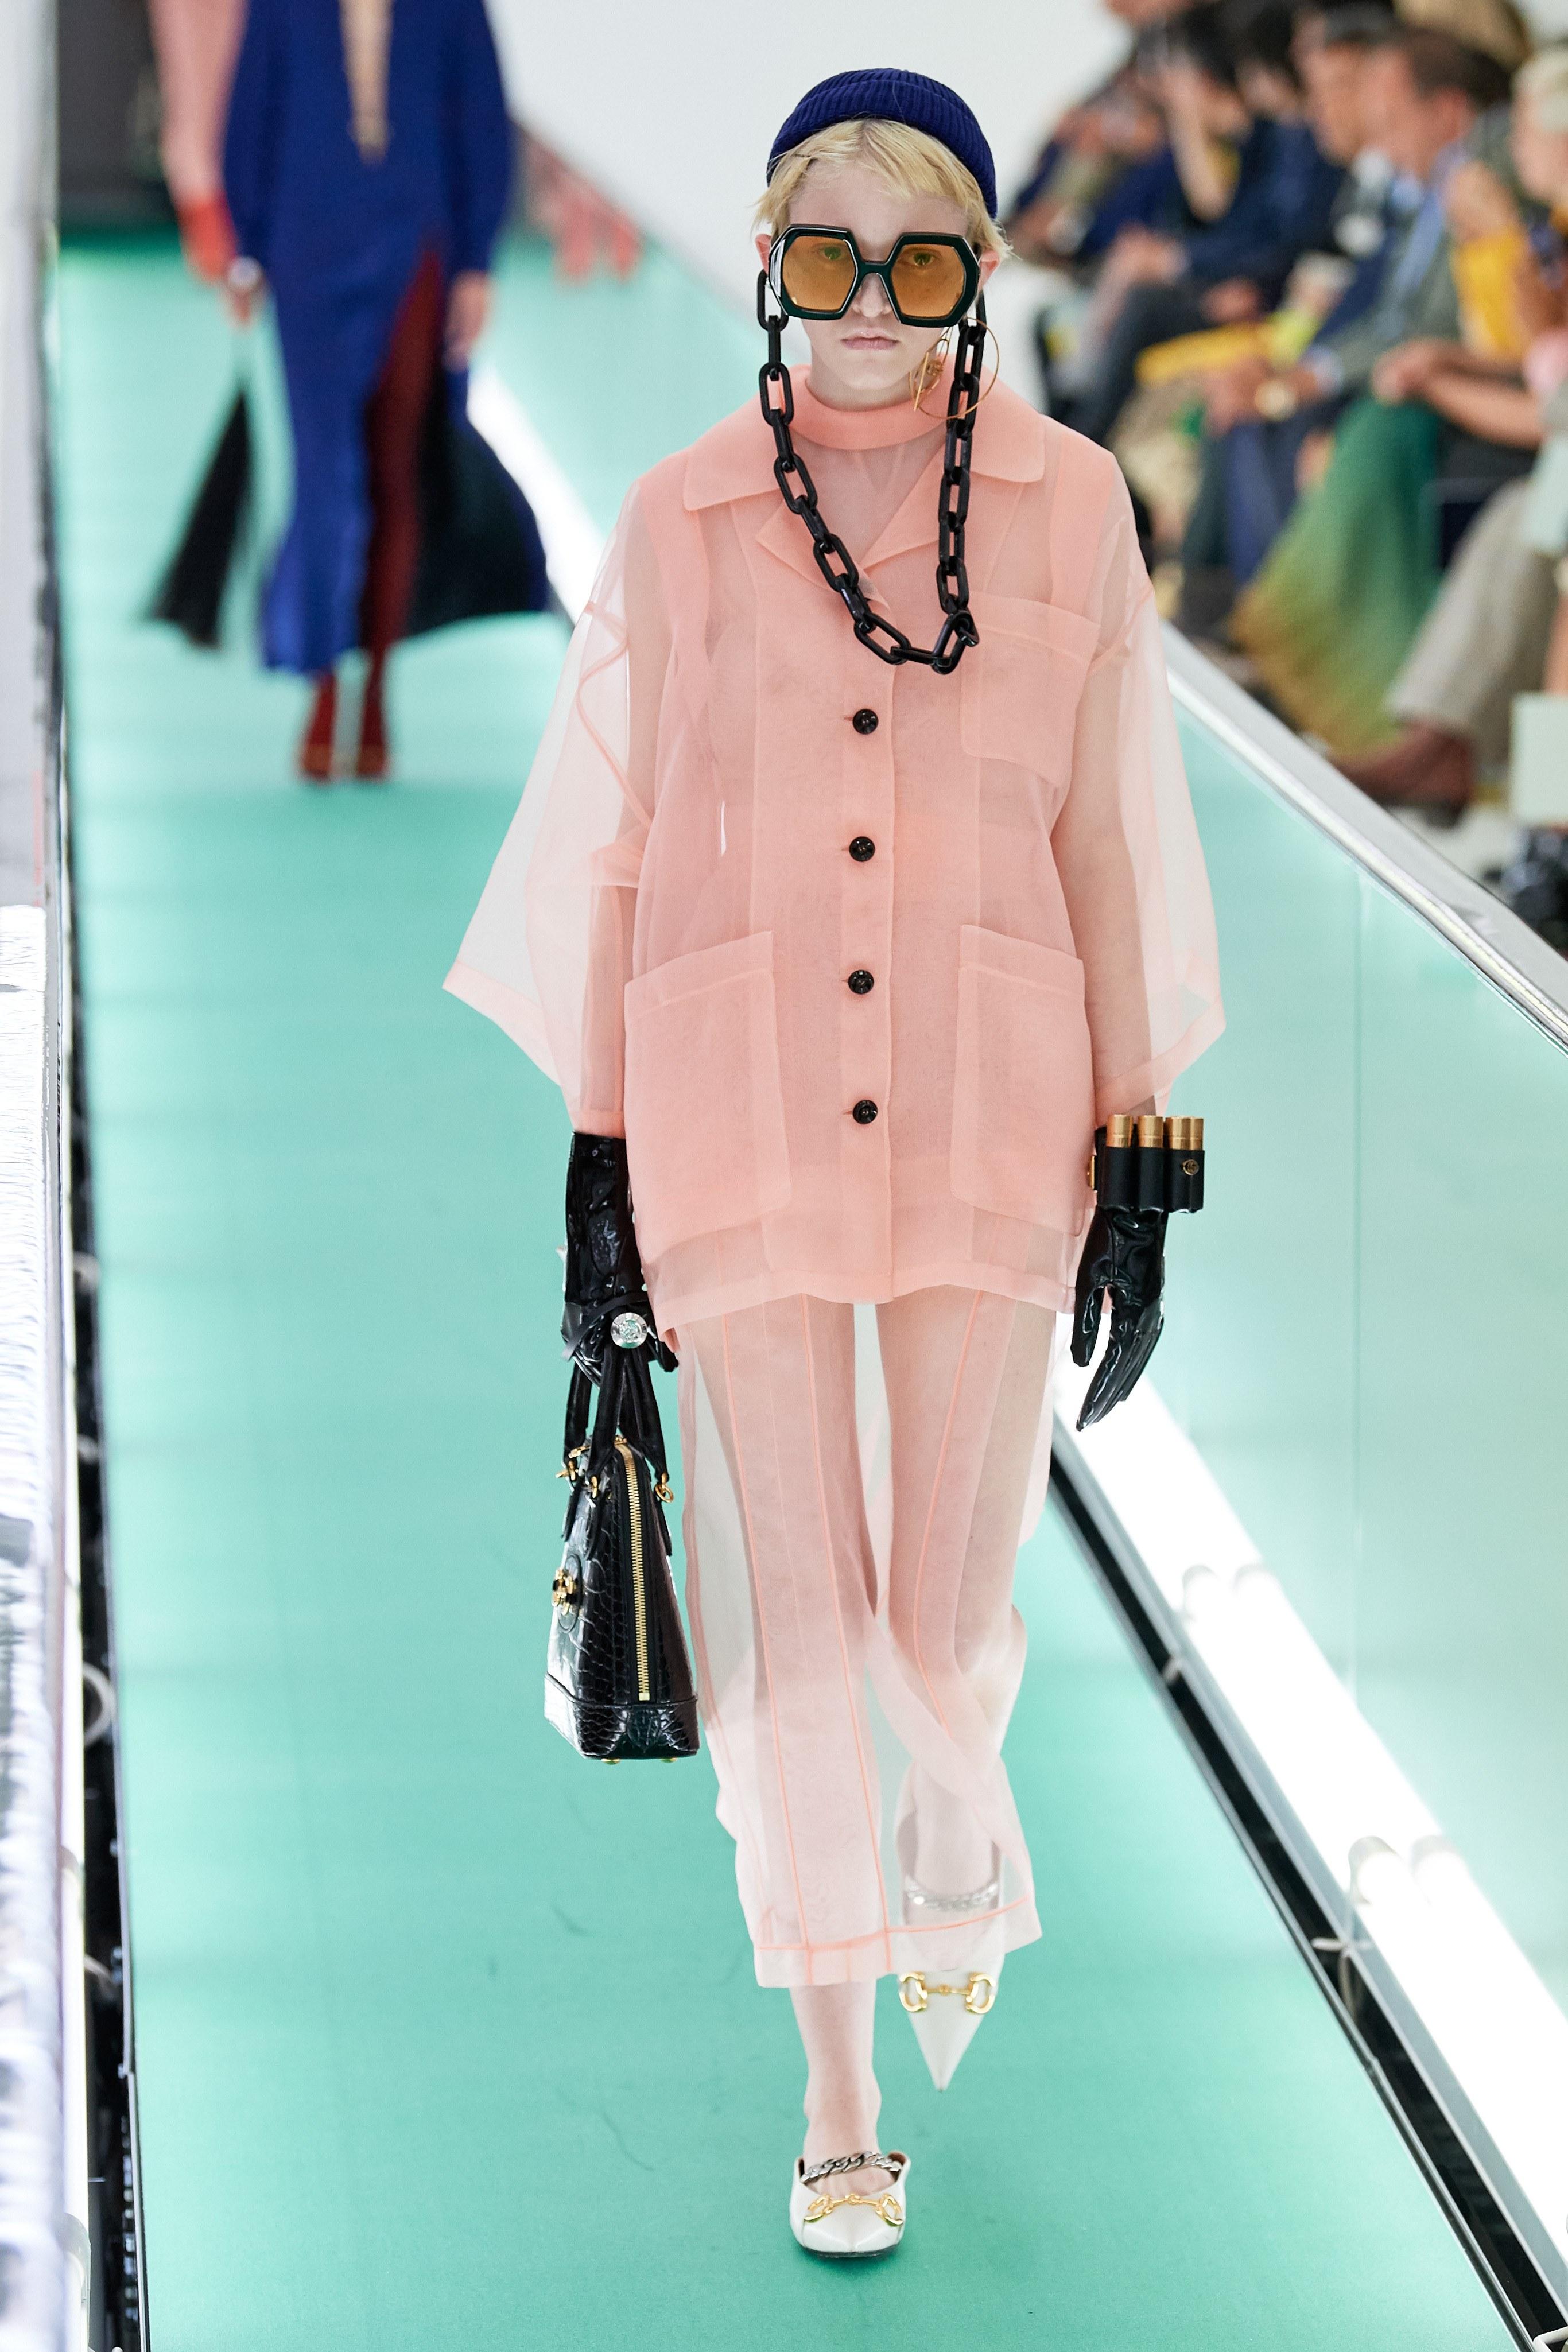 Thiết kế voan màu hồng nhạt từ BST Xuân - Hè 2020 của Gucci